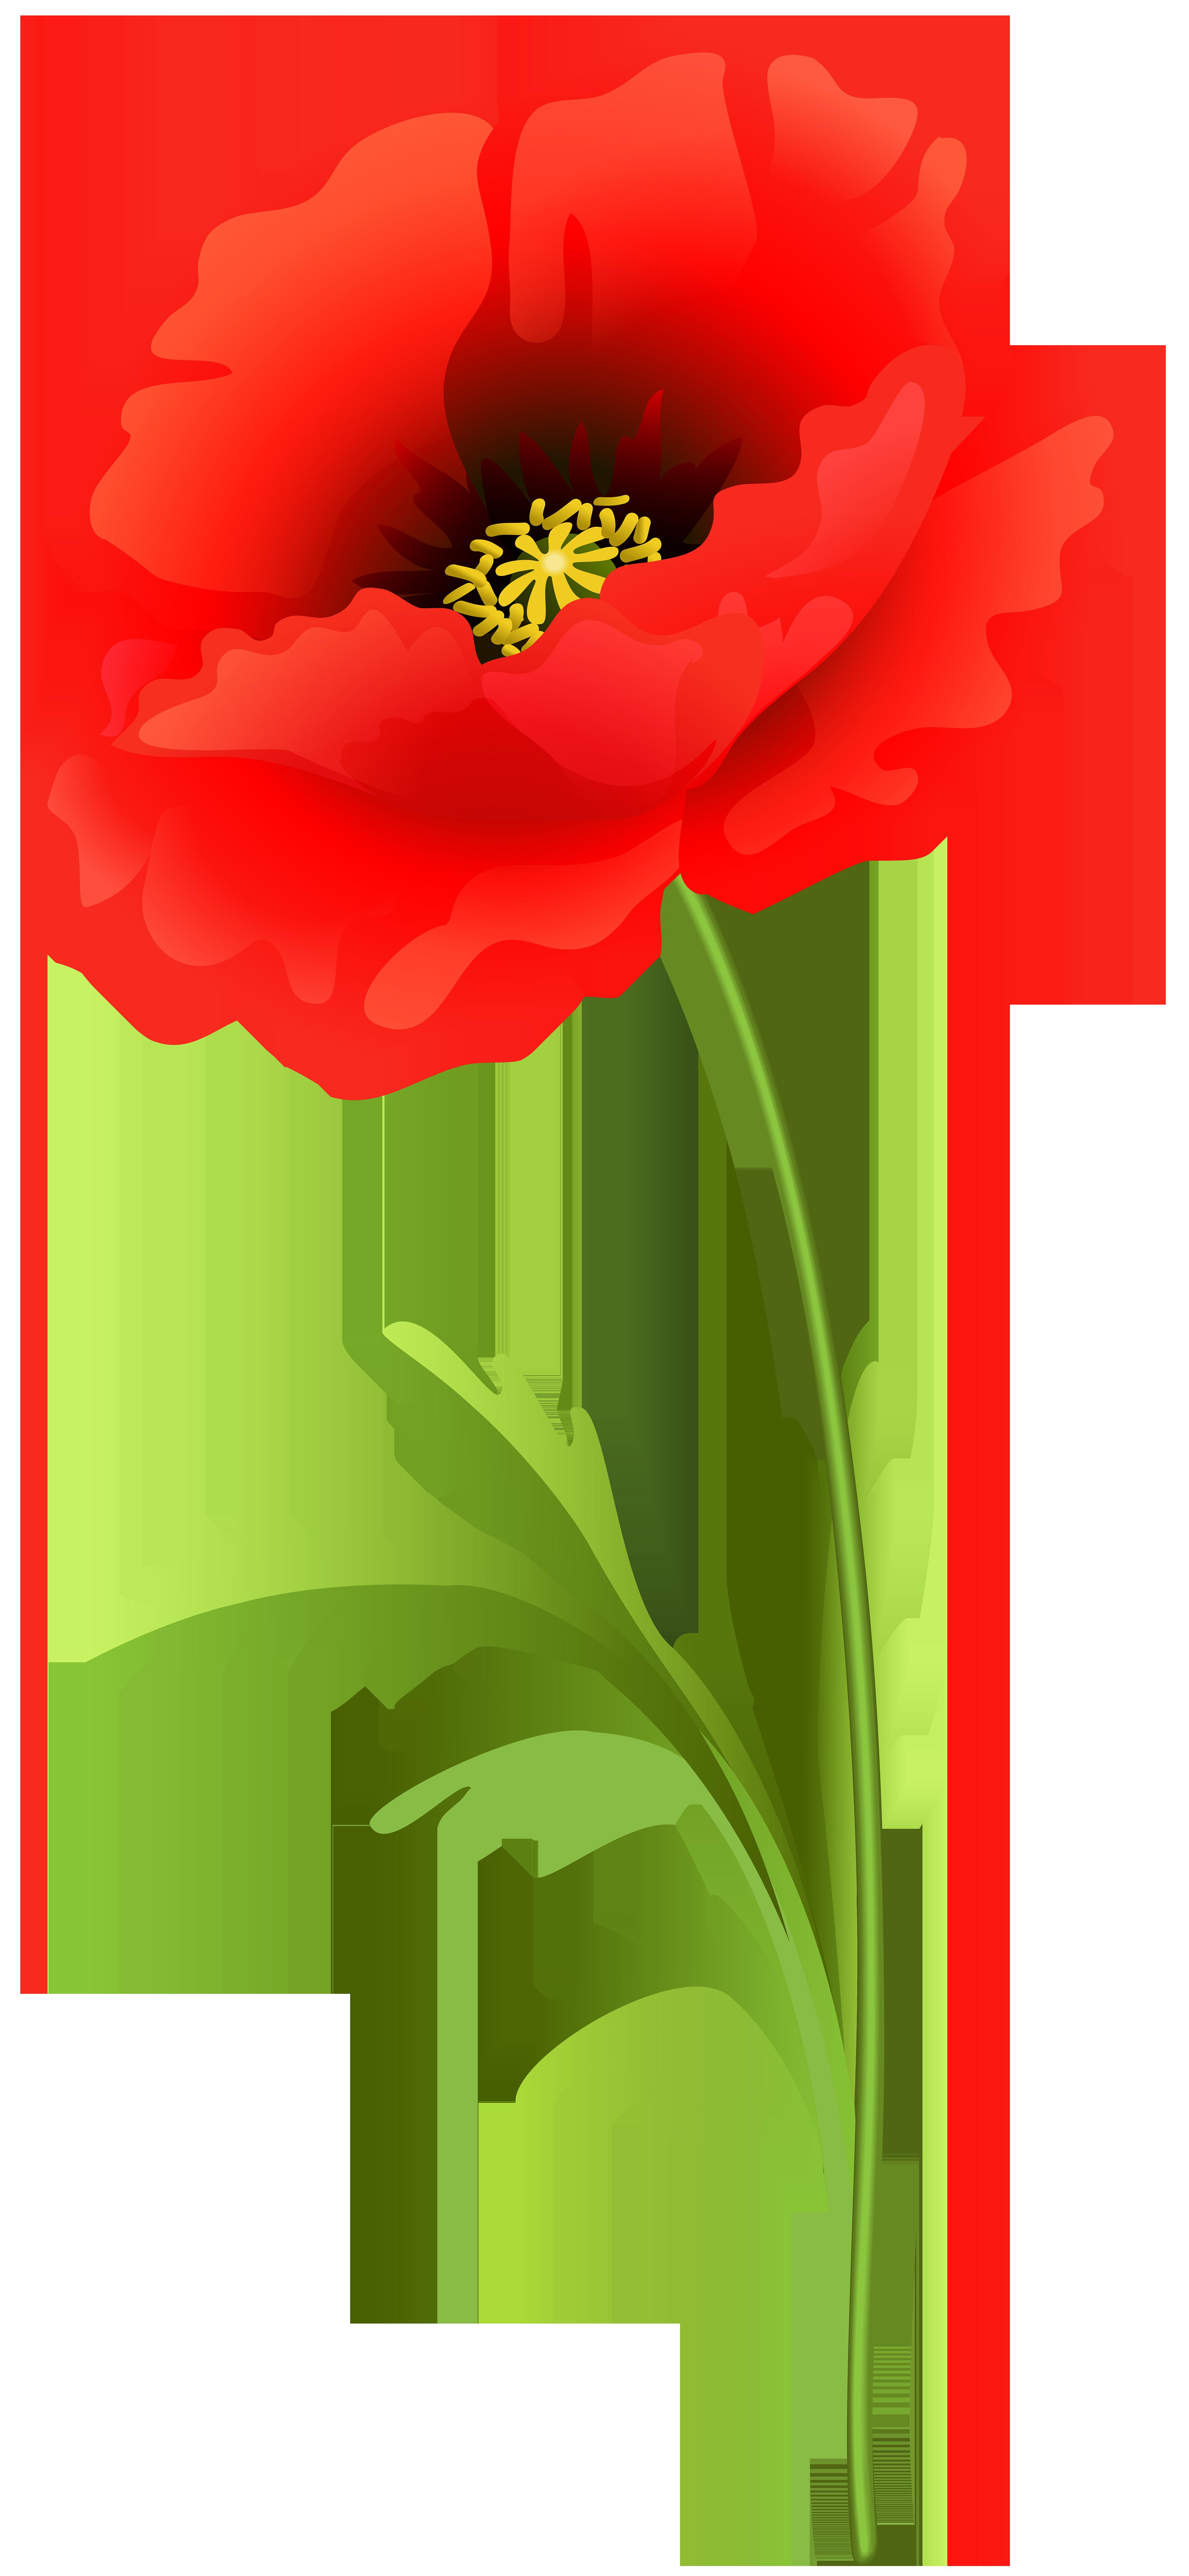 Poppy Flower PNG Clip Art Image.